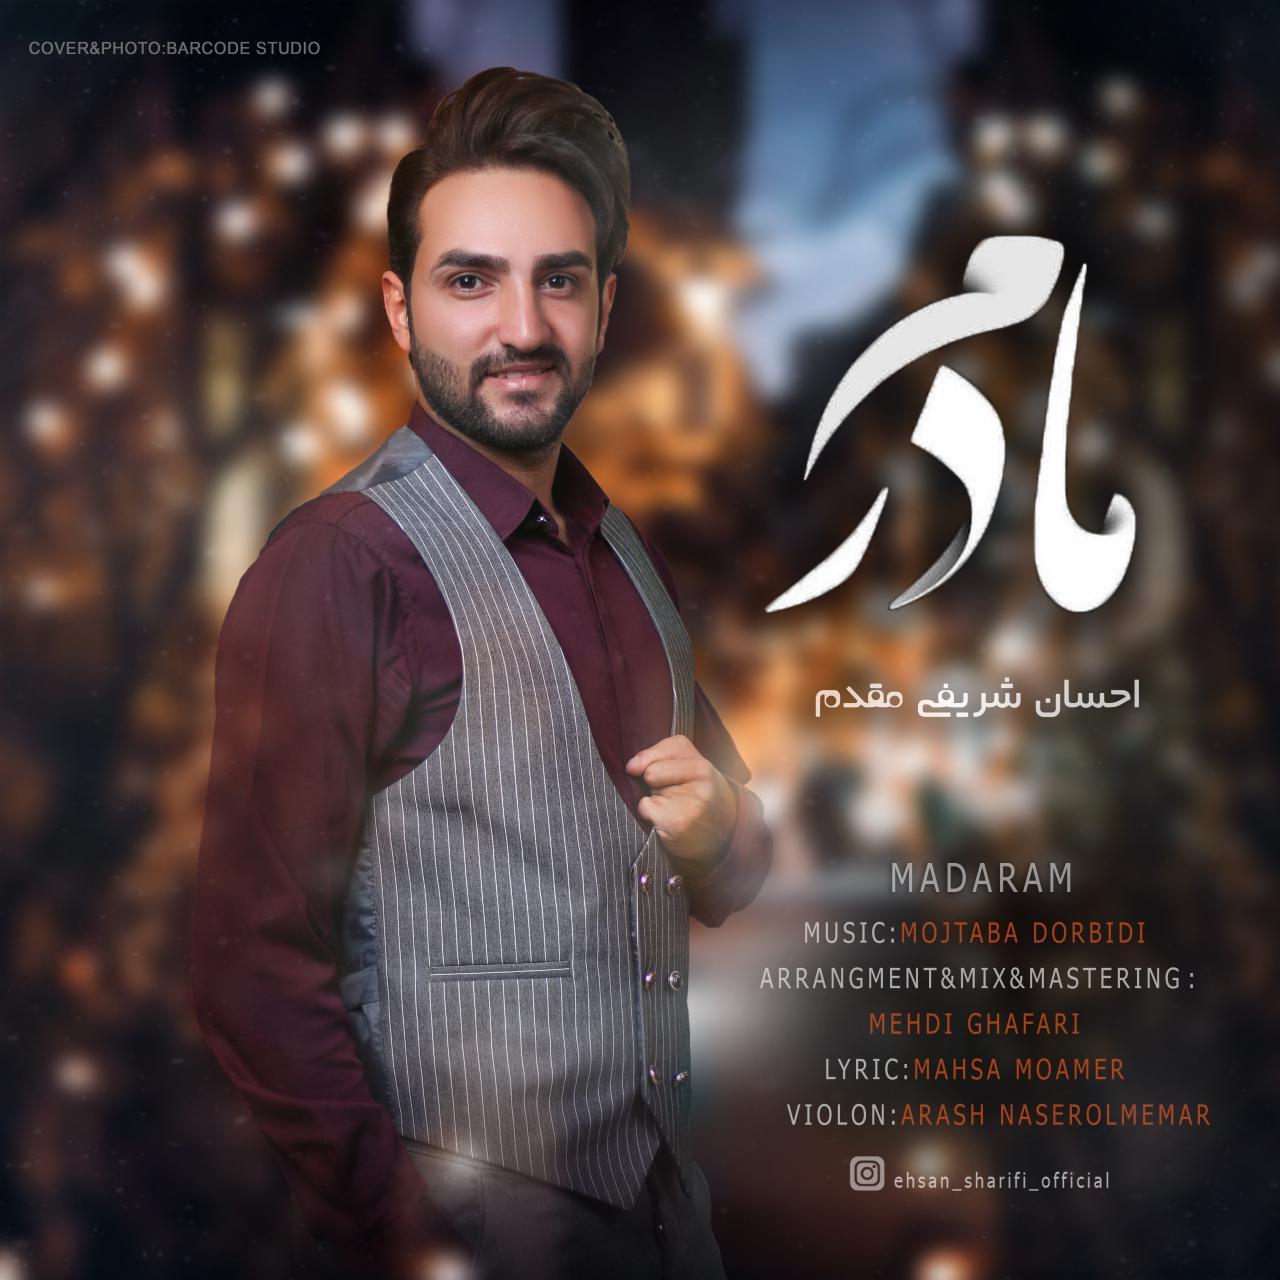 دانلود آهنگ جدید احسان شریفی مقدم به نام مادرم